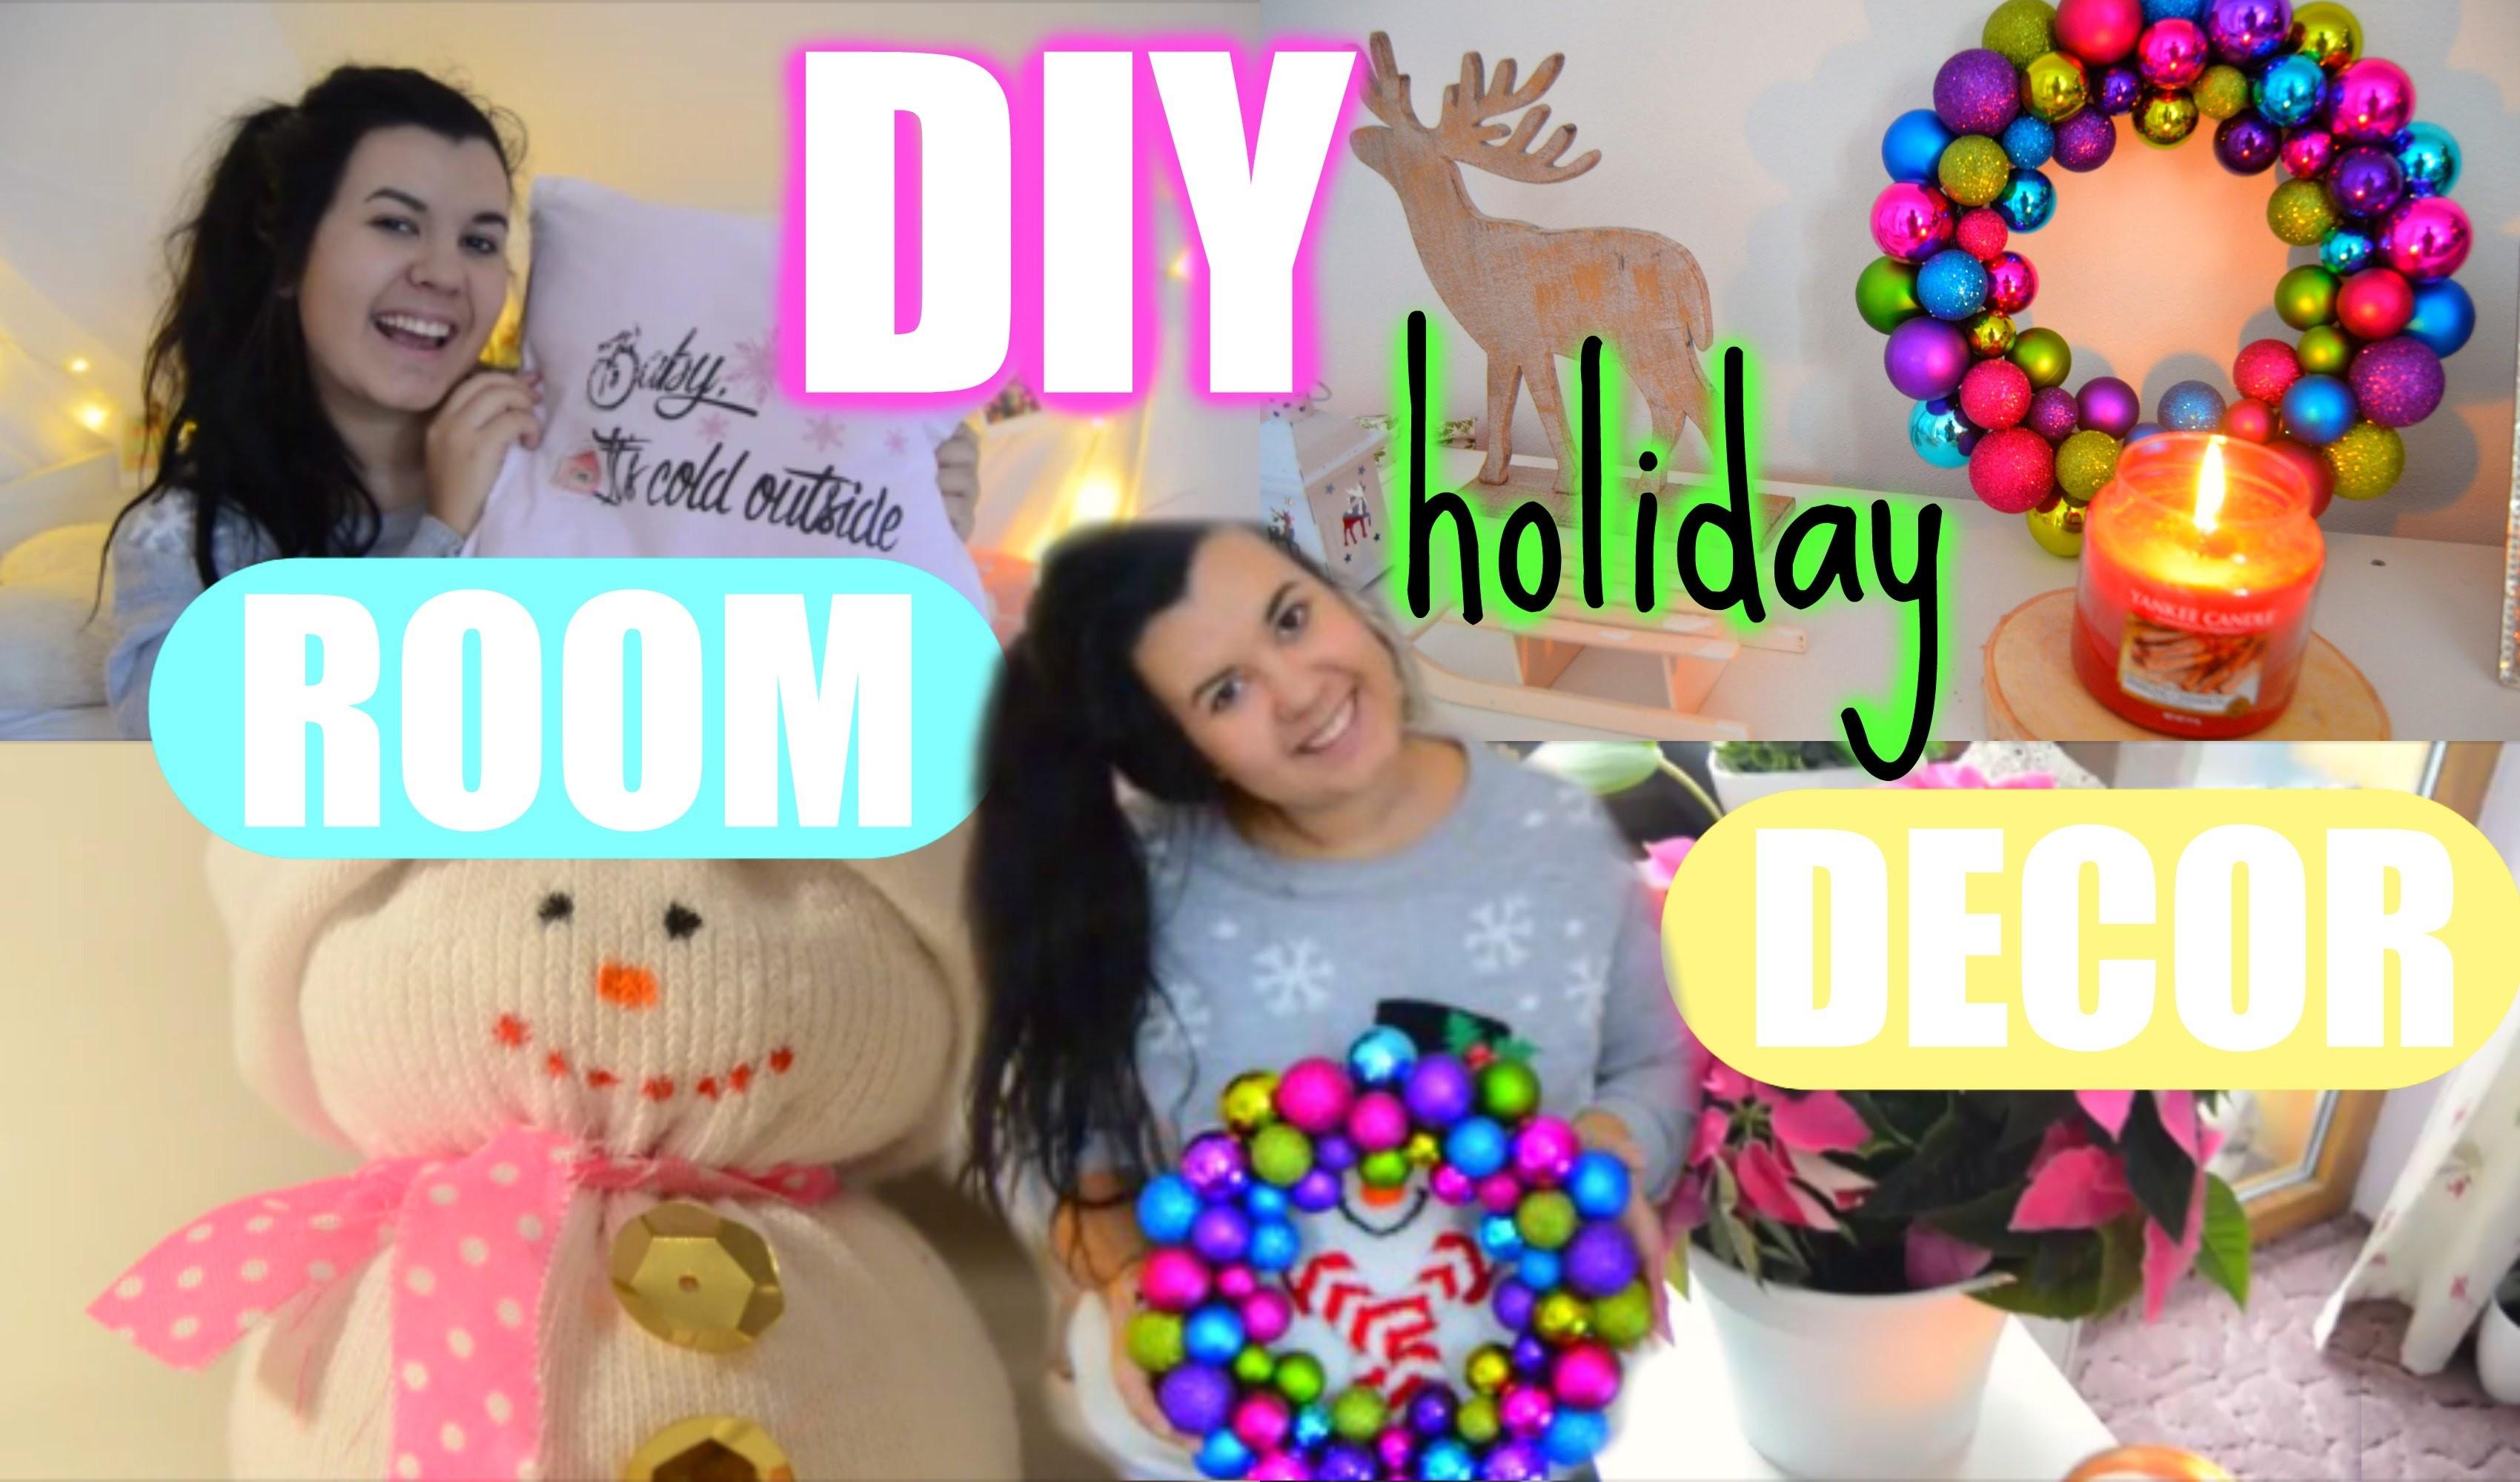 ♡ DIY Vánoční dekorace + Jak udělat svůj pokoj útulný  ♡ Christmas 2015 ♡. DIY Holiday Room Decor ♡